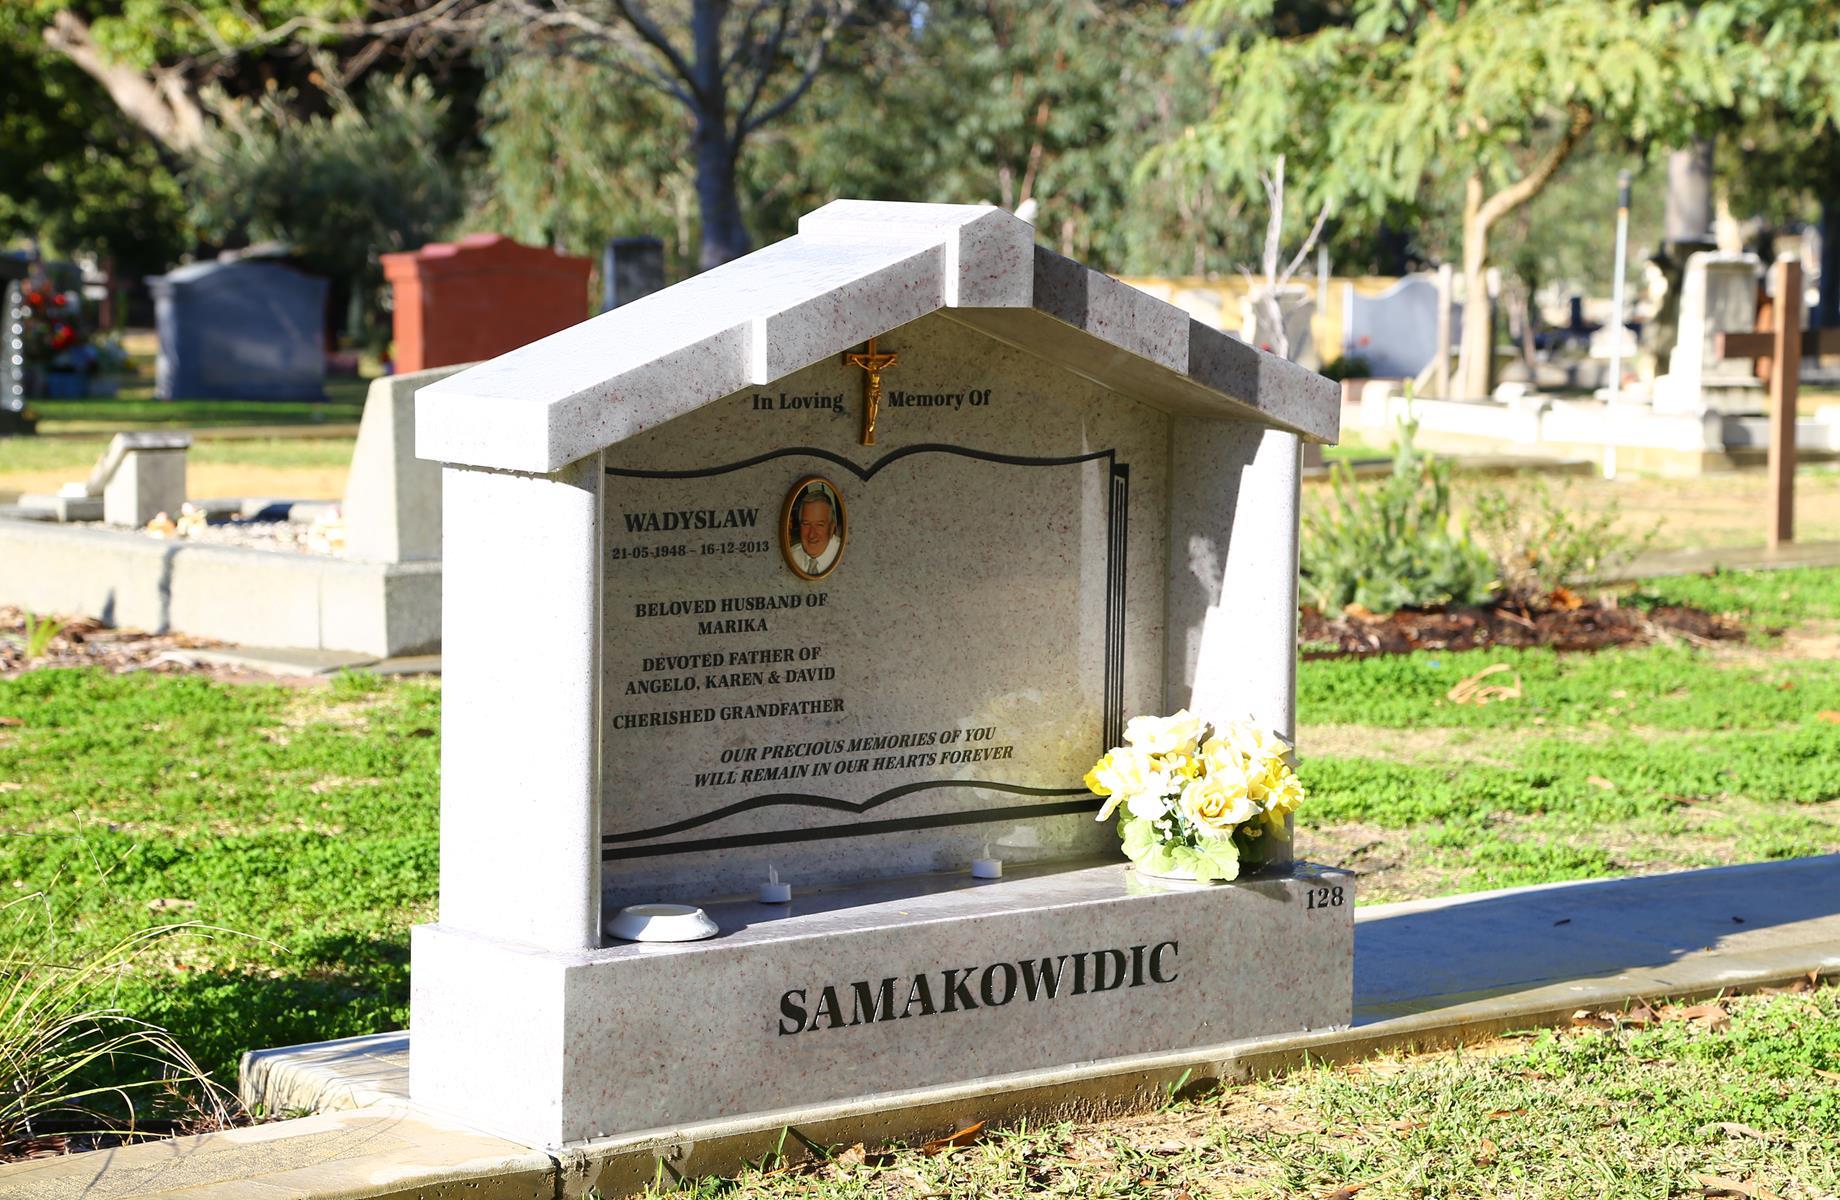 Samakowadic 2